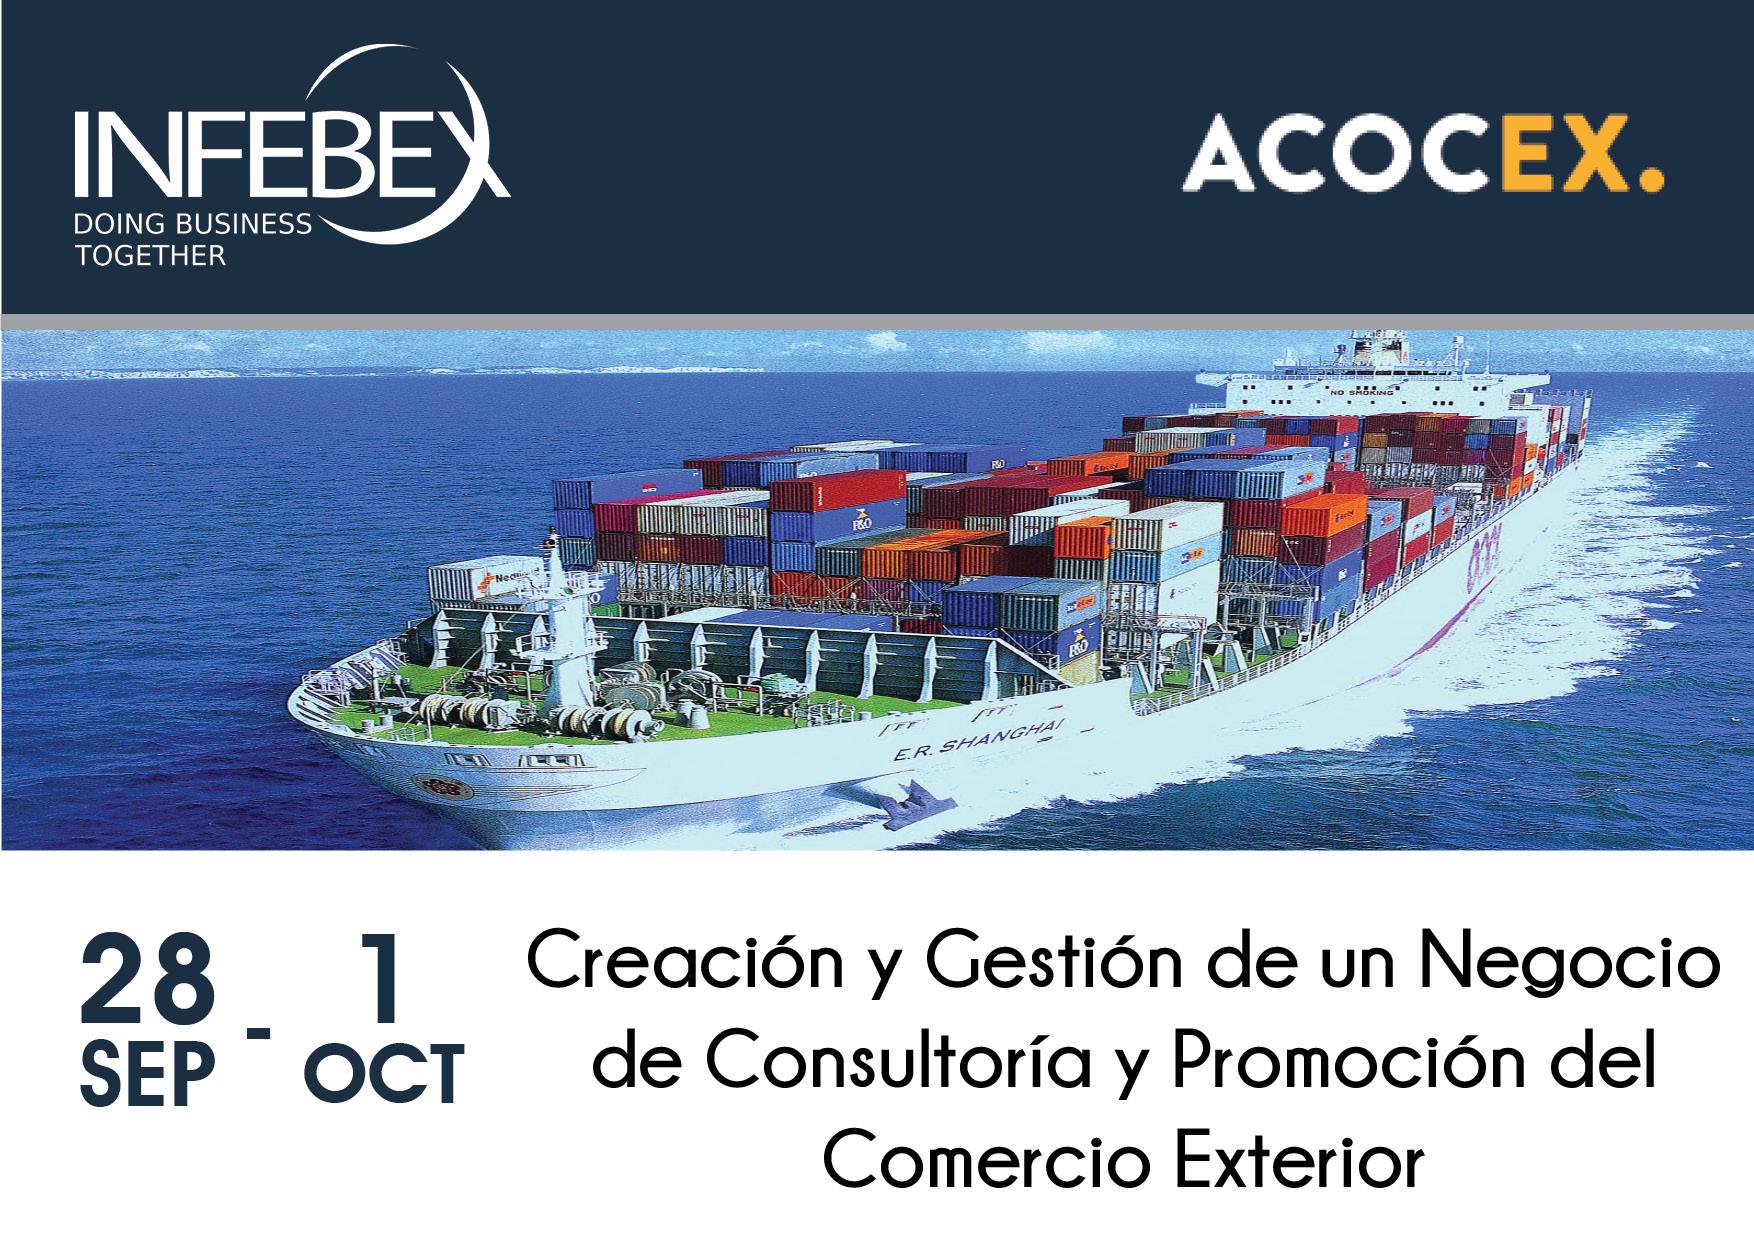 Creación y Gestión de un Negocio de Consultoría y Promoción del Comercio Exterior - Infebex - Acocex